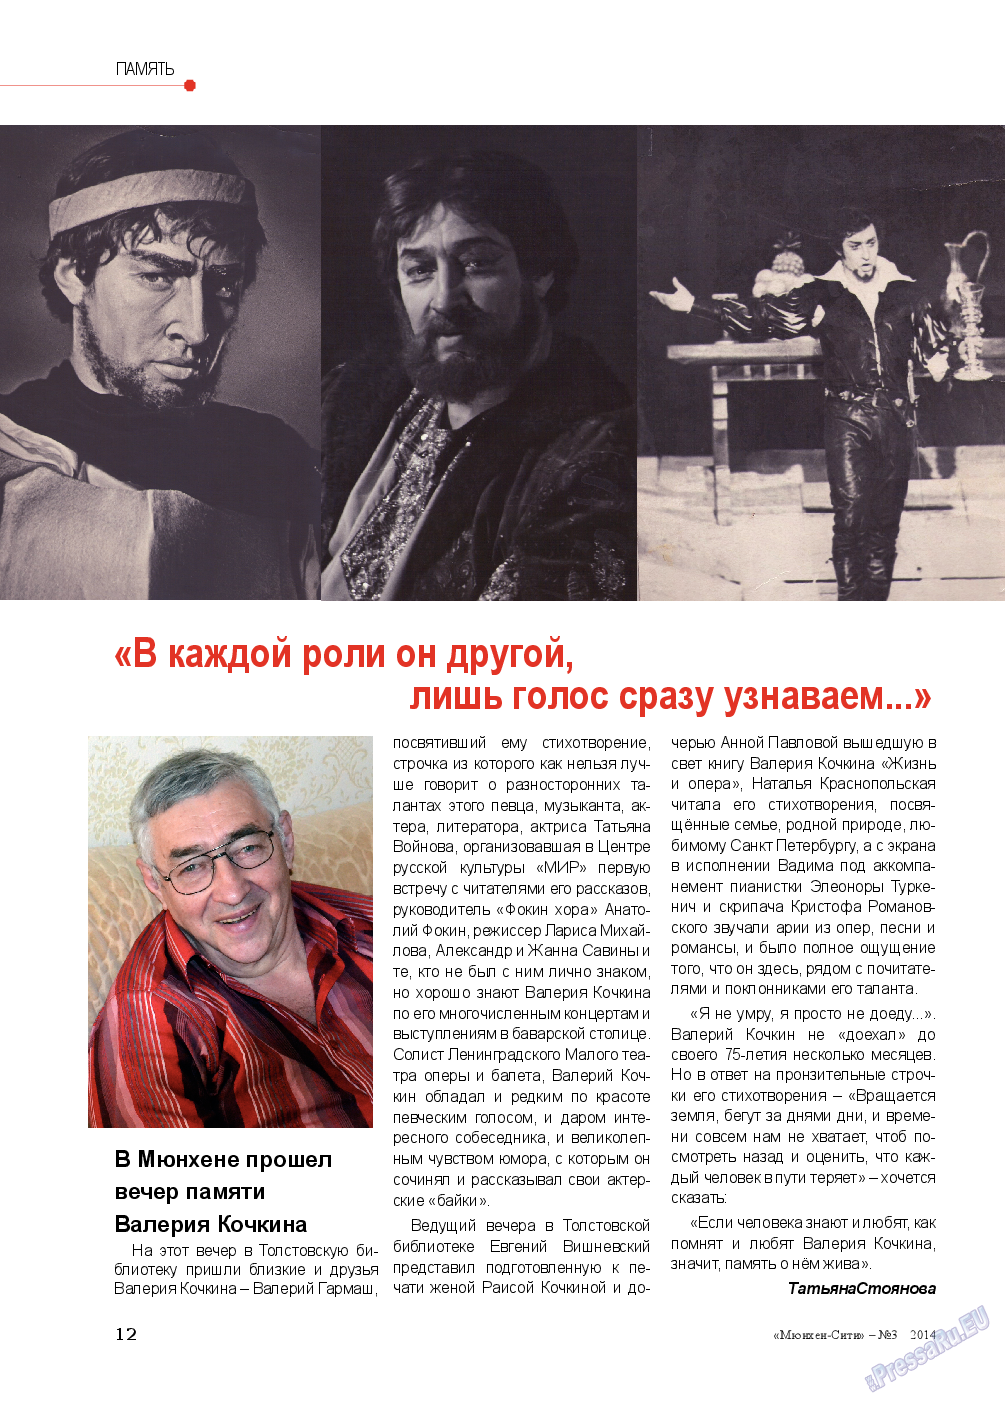 Мюнхен-сити (журнал). 2014 год, номер 3, стр. 12